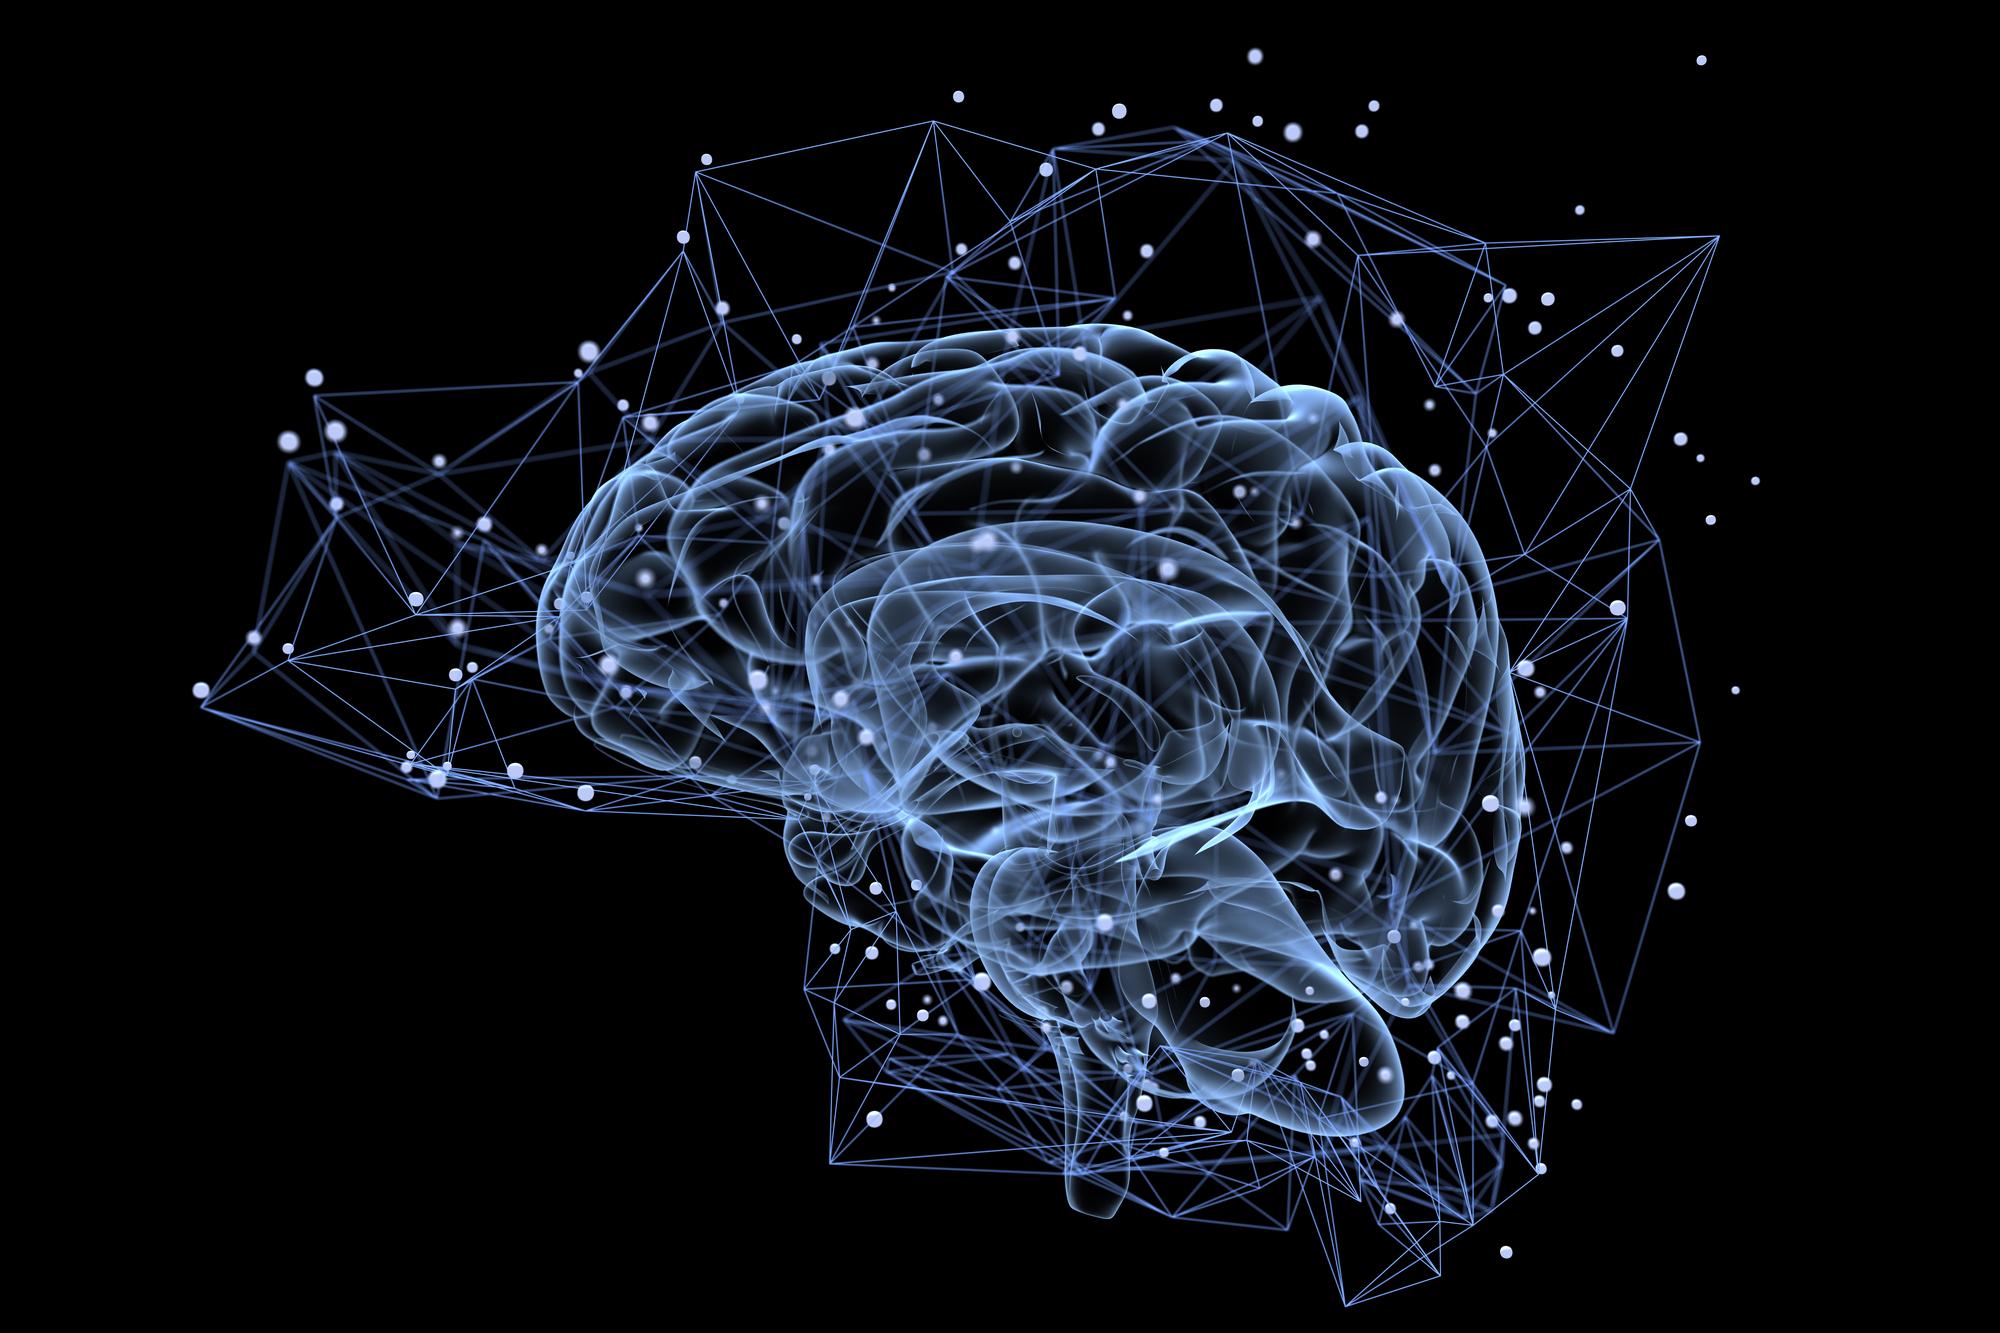 רשתות נוירונים במוח. אילוסטרציה: depositphotos.com